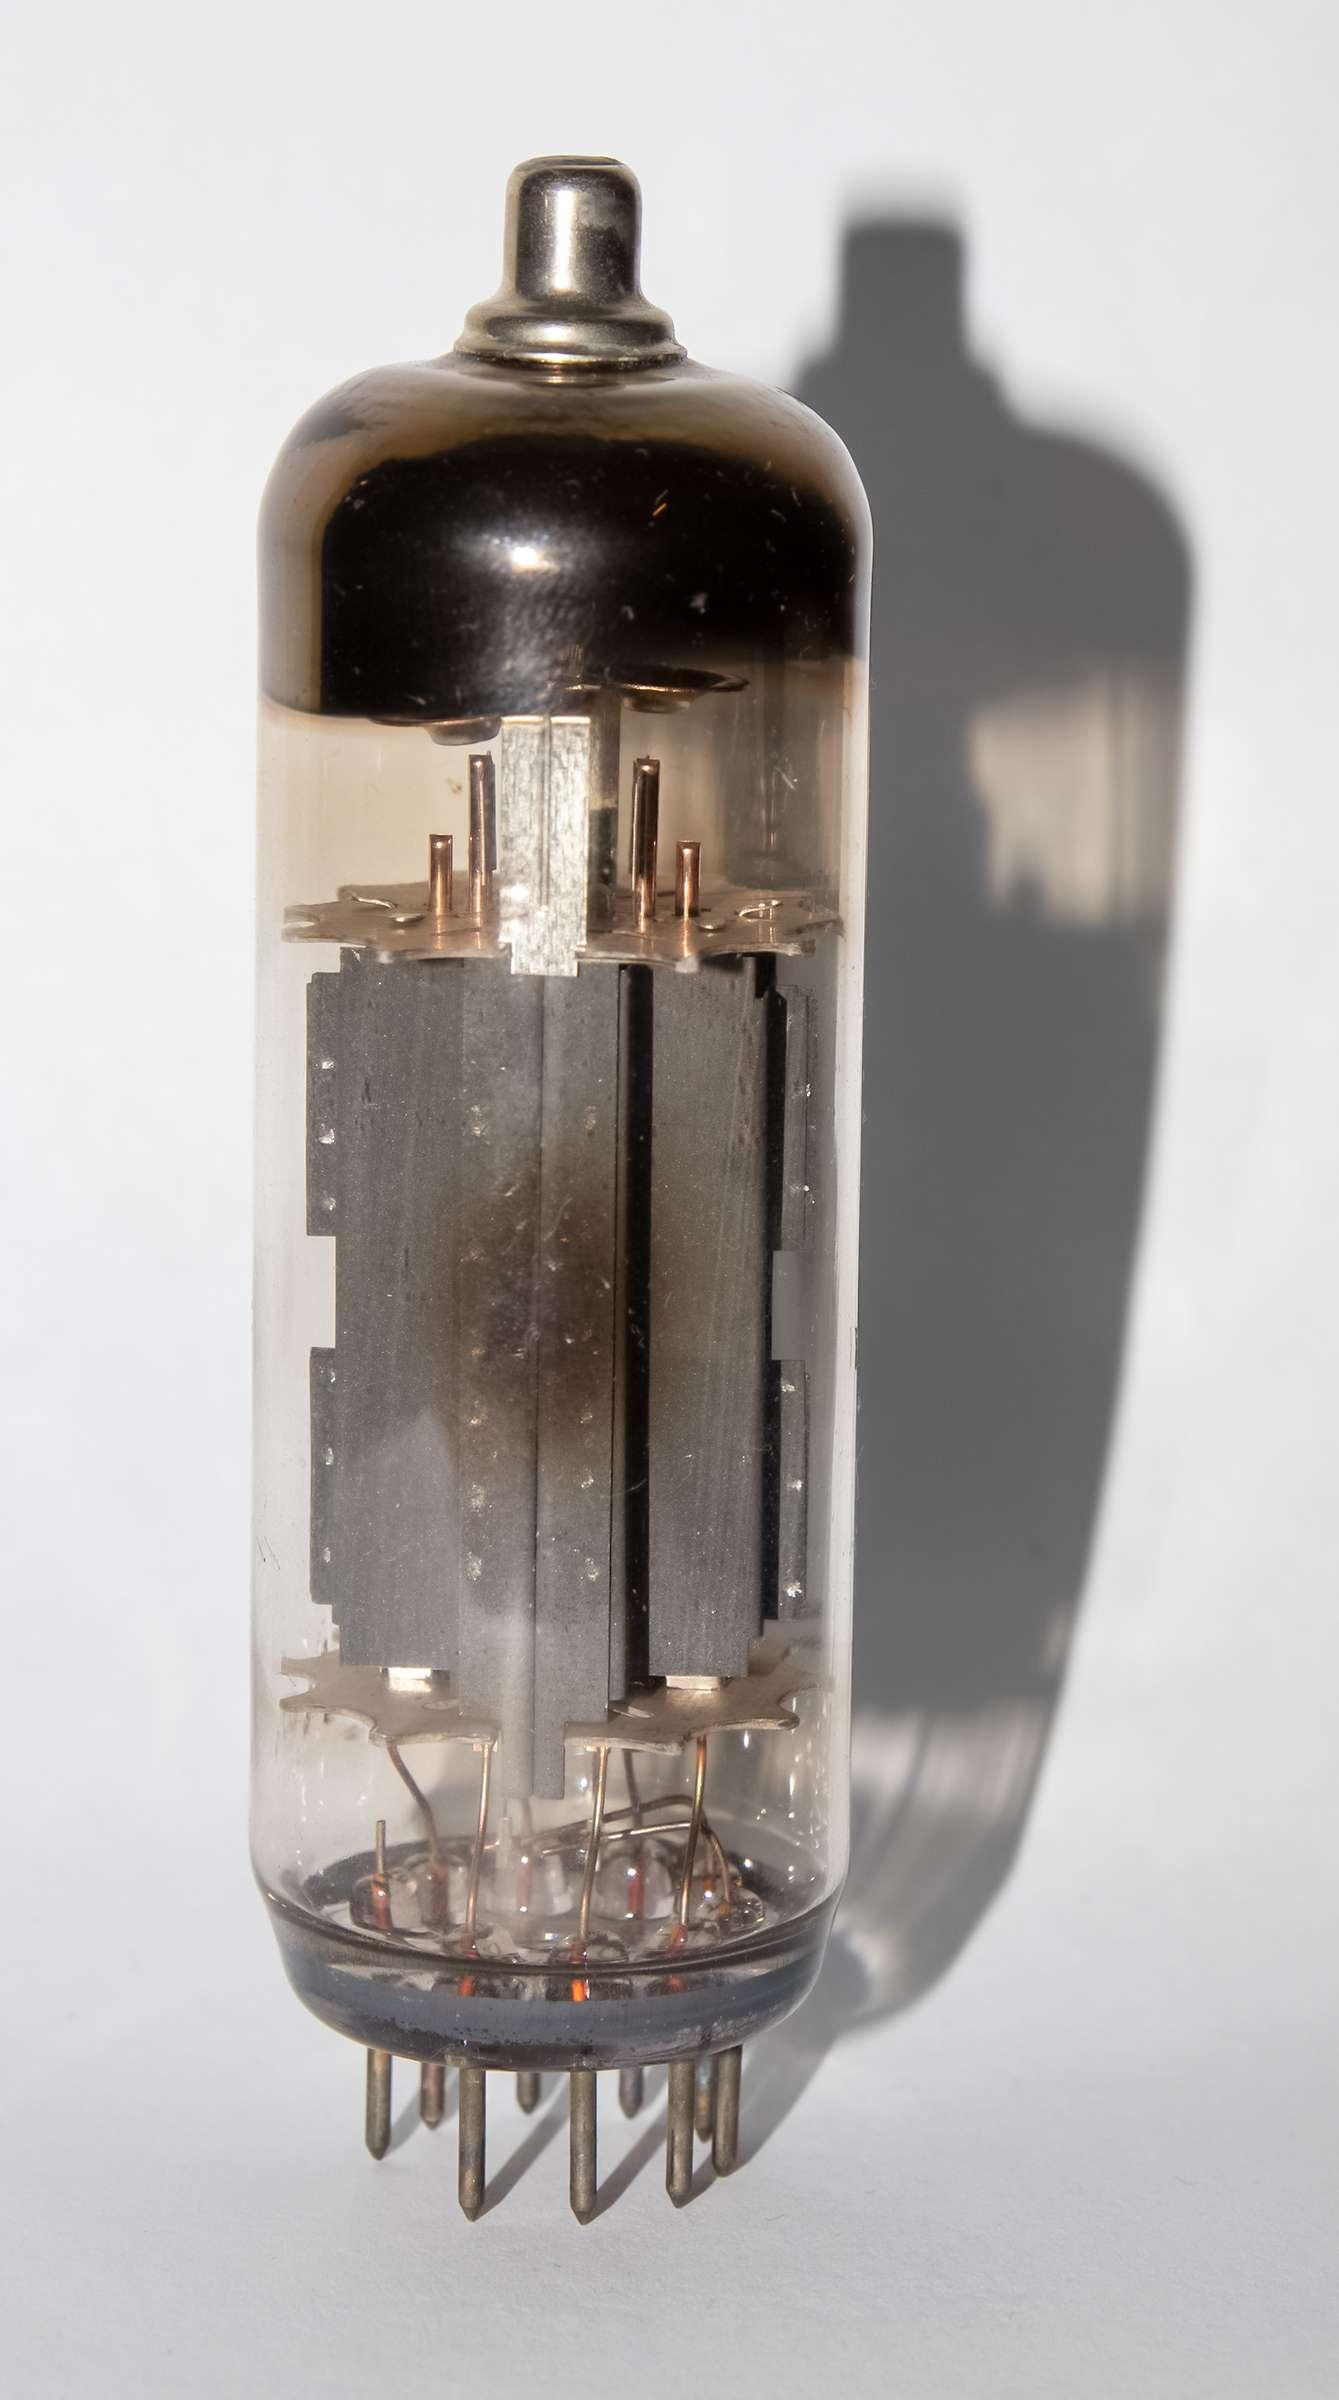 Внешний вид радиолампы 6П44С